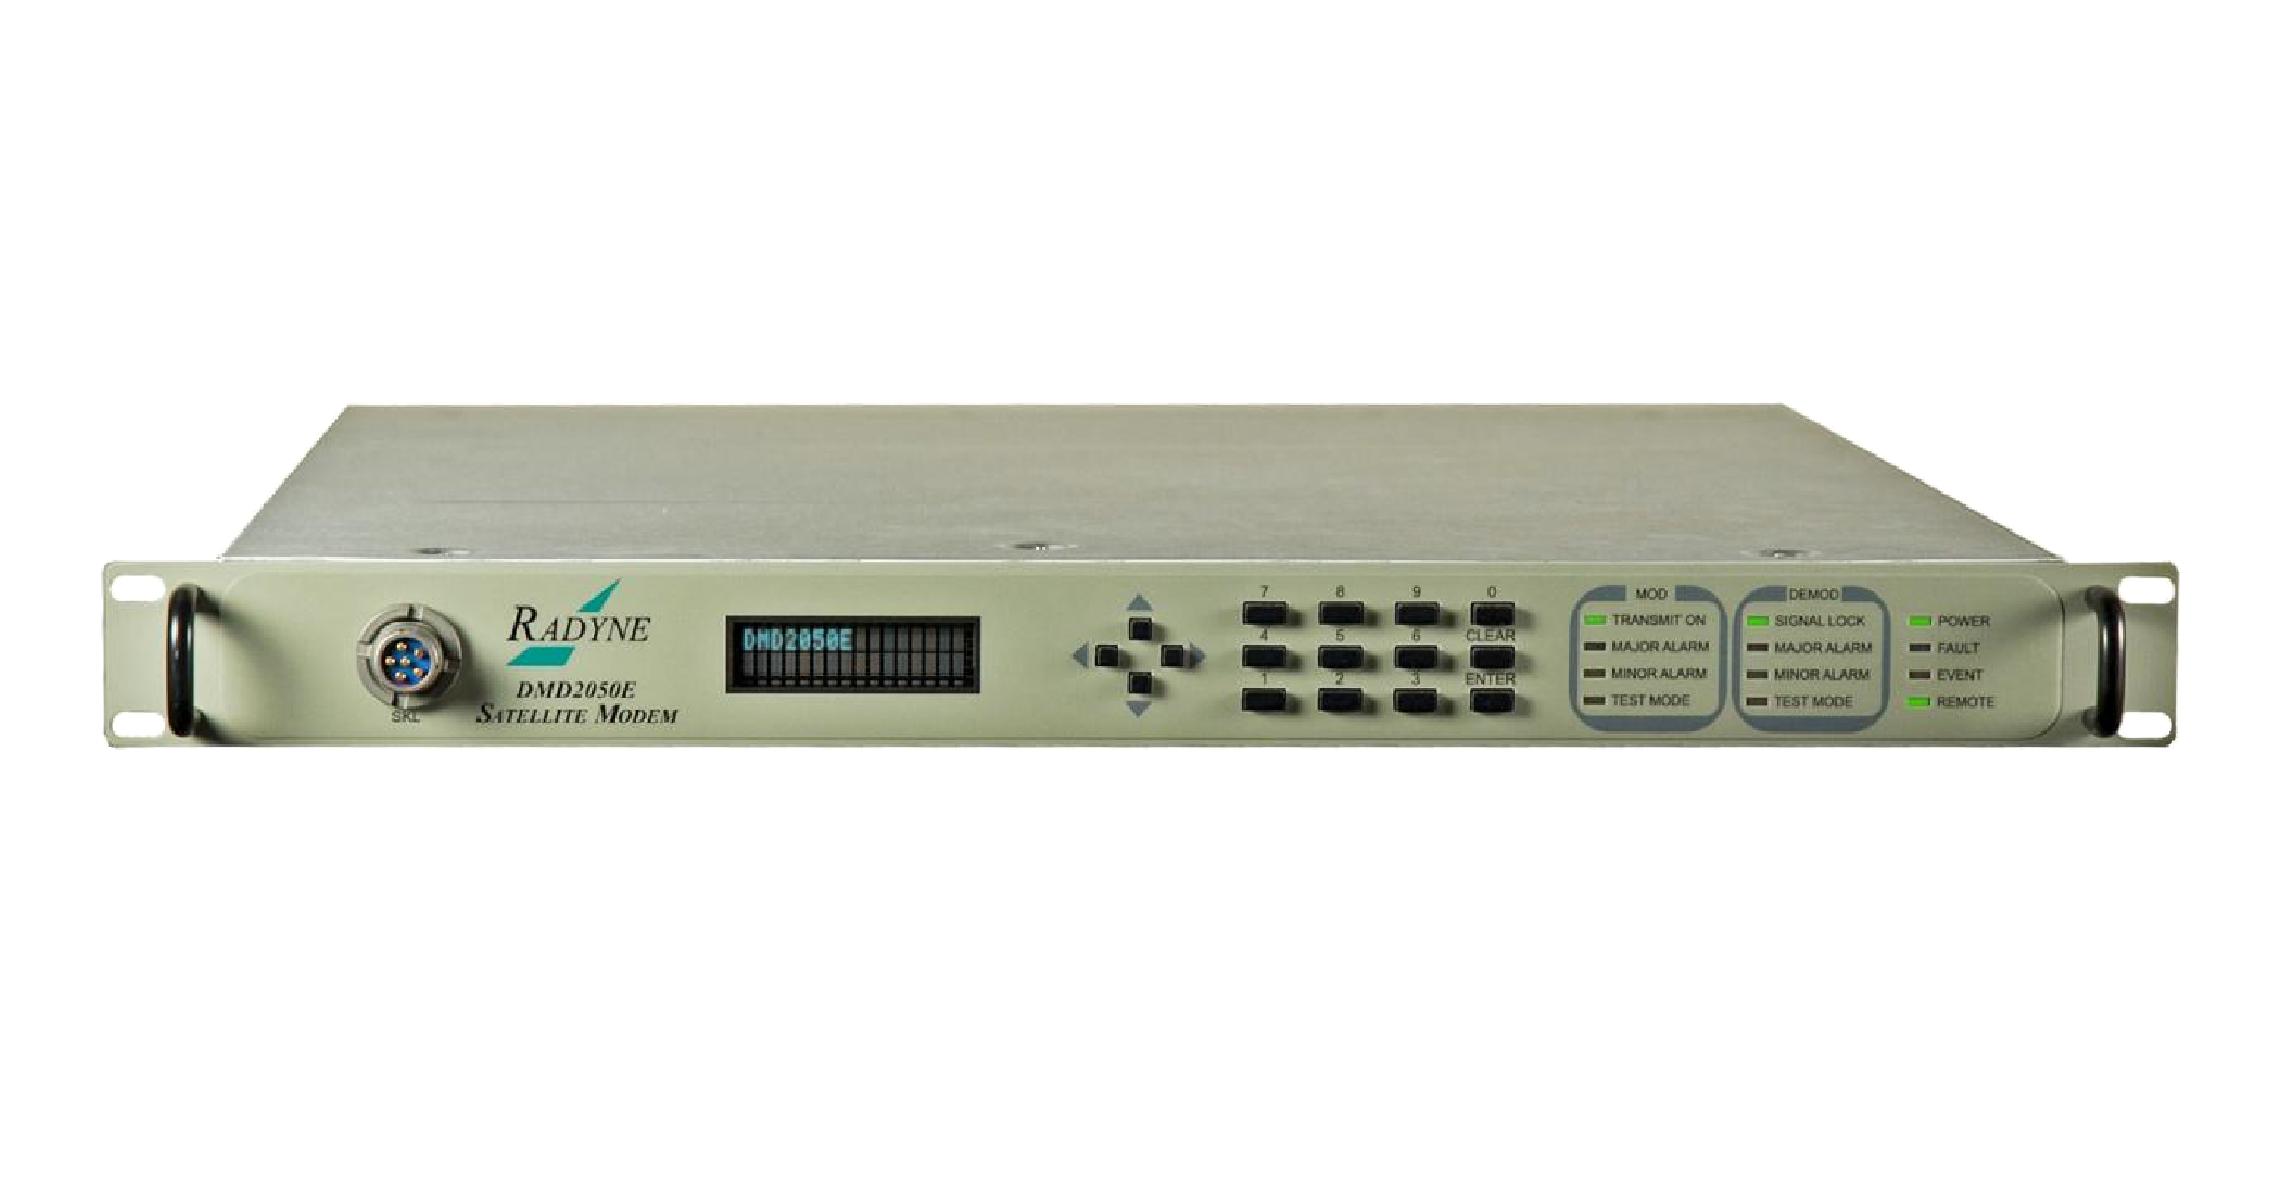 DMD-2050E MIL-STD-188-165A/STANAG 4486